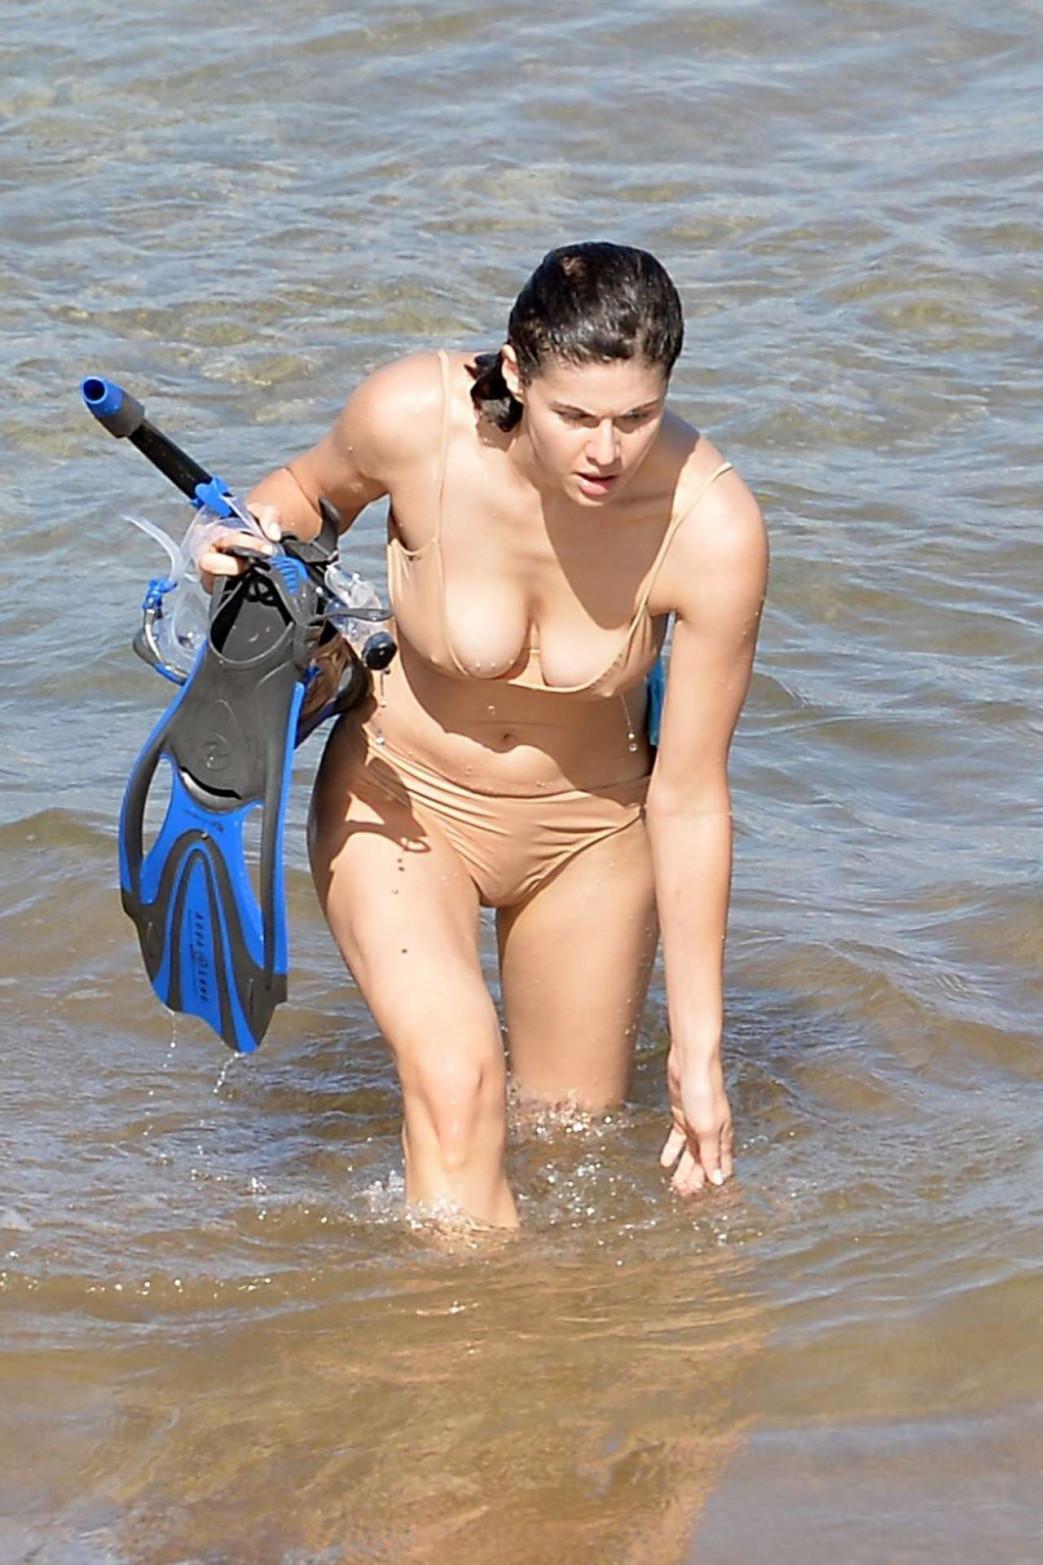 Alexandra-Daddario-Pokies-and-Wedgie-Picking-In-Wet-Bikini-4.jpg